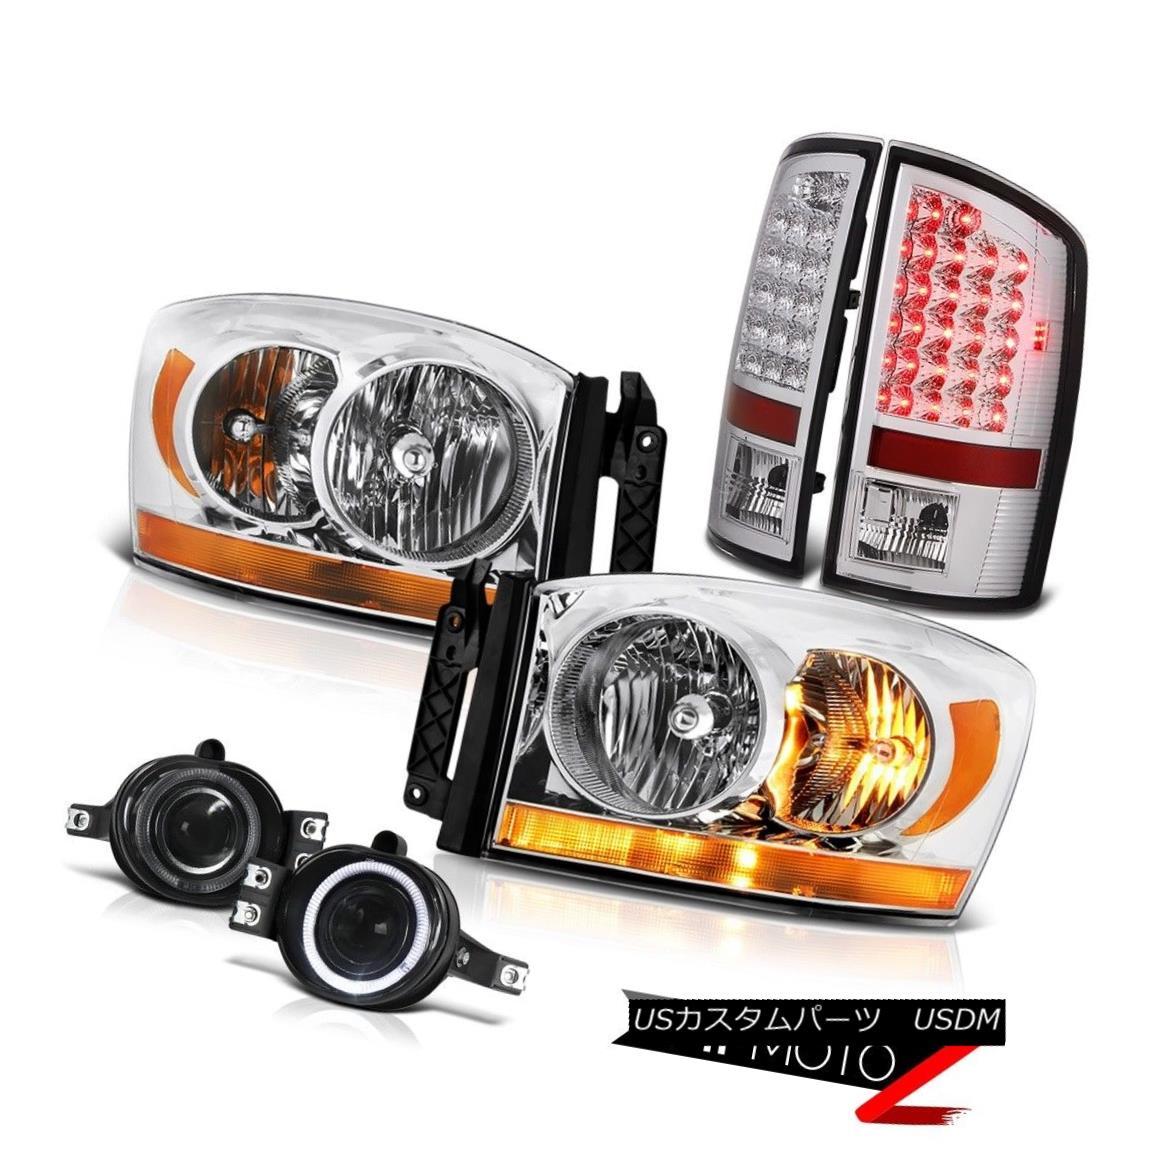 ヘッドライト 2007-2009 Dodge Ram 3500 5.7L Headlamps Titanium Smoke Foglights Tail Lights 2007-2009 Dodge Ram 3500 5.7Lヘッドランプチタンスモークフォグライトテールライト